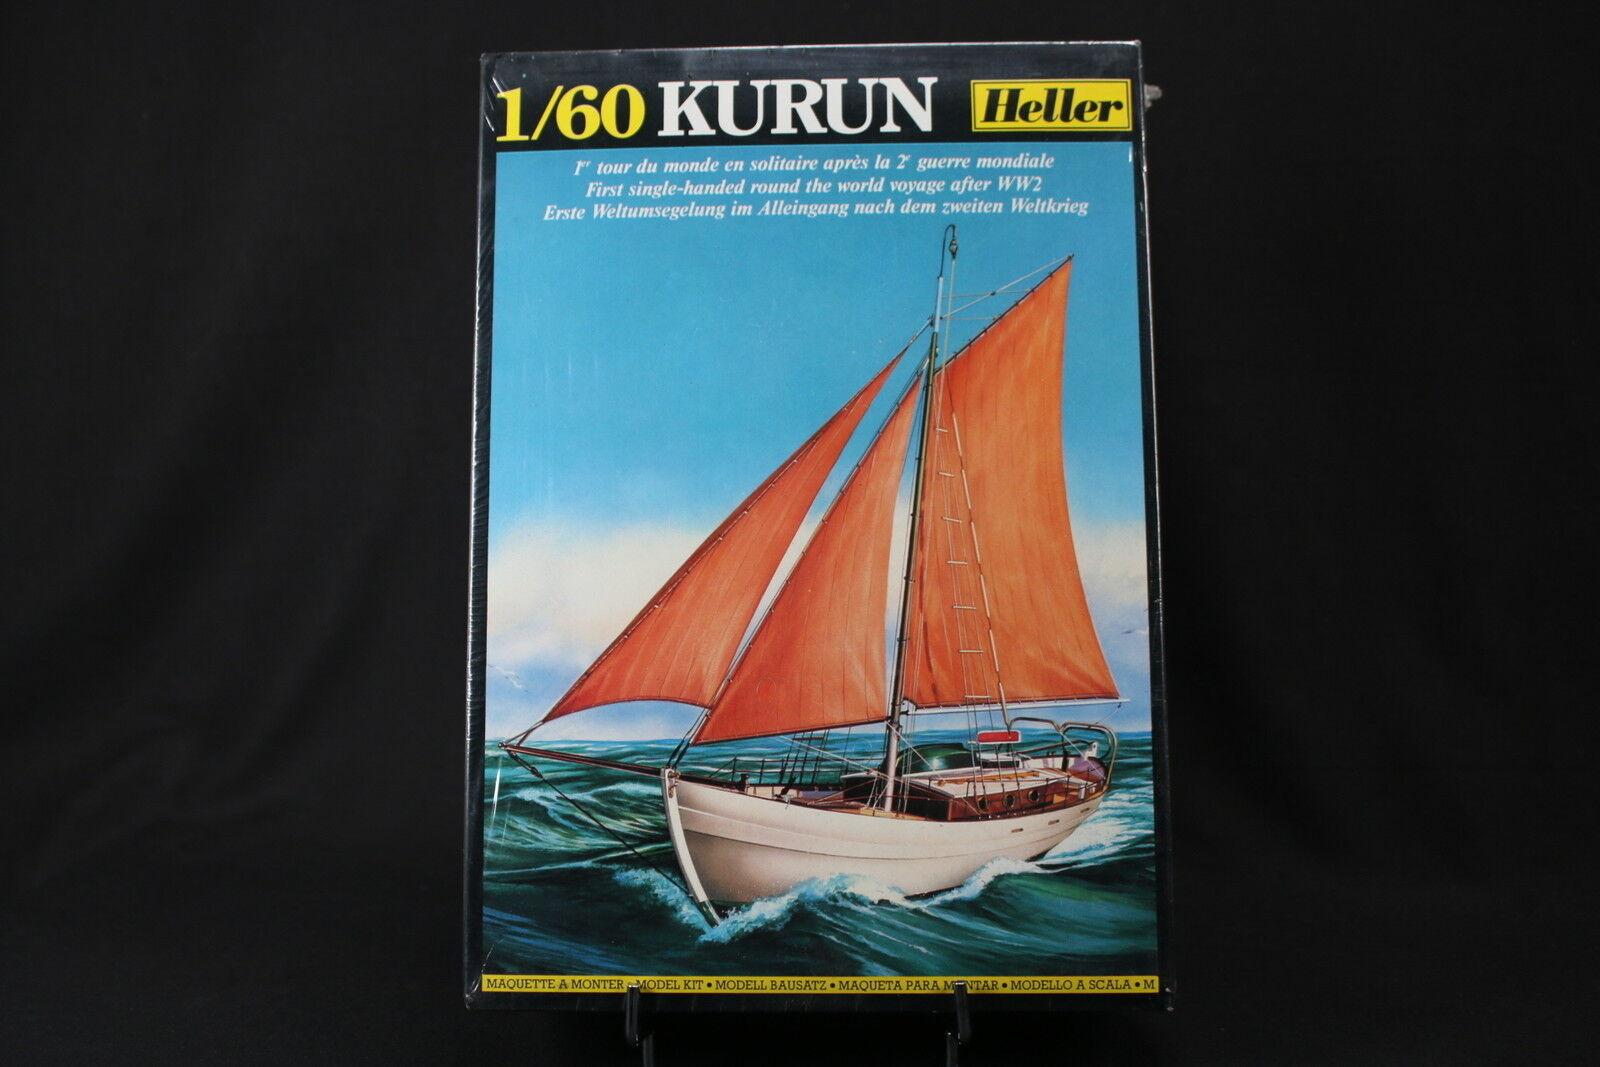 YO002 HELLER 1 60 maquette bateau 614  Kurun 1er tour du monde solitaire